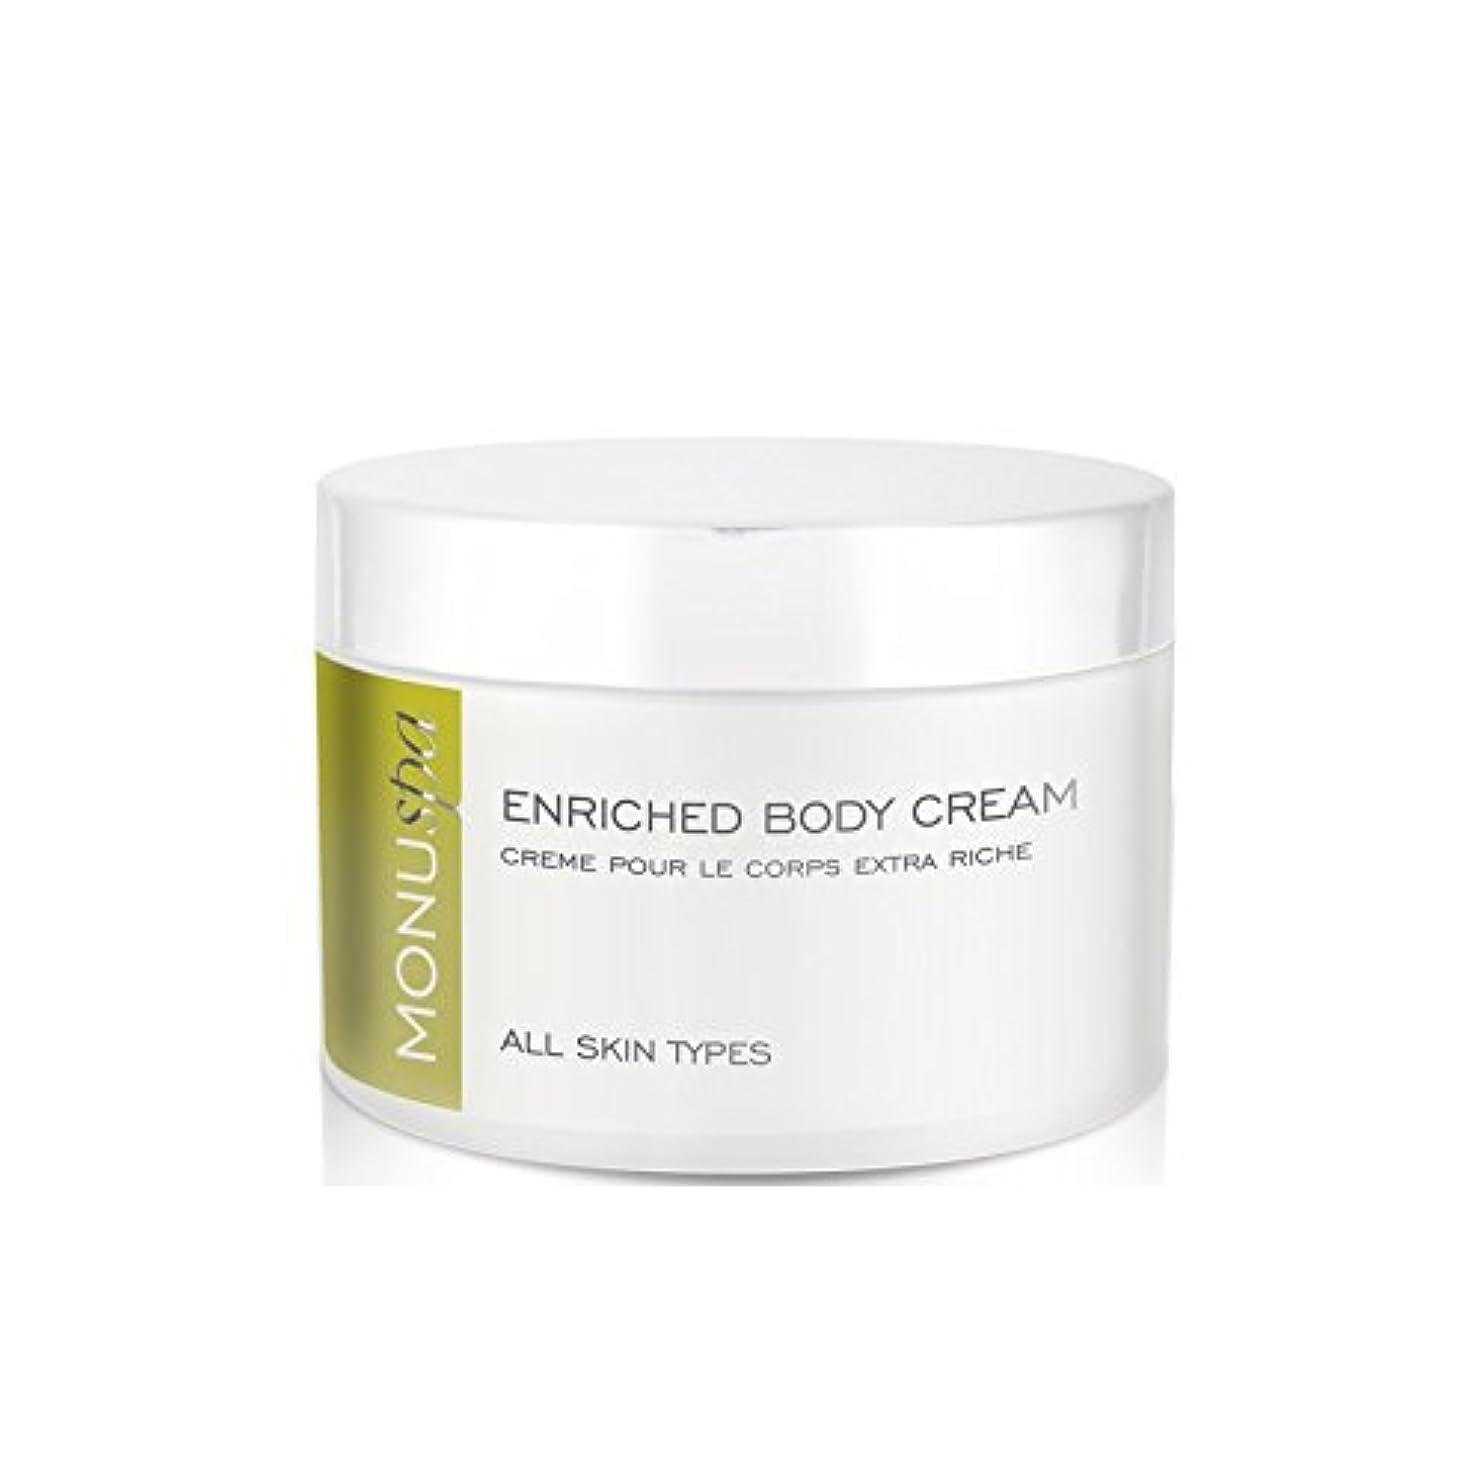 ストロー吐く通訳MONUspa Enriched Body Cream 200ml - 濃縮ボディクリーム200ミリリットル [並行輸入品]